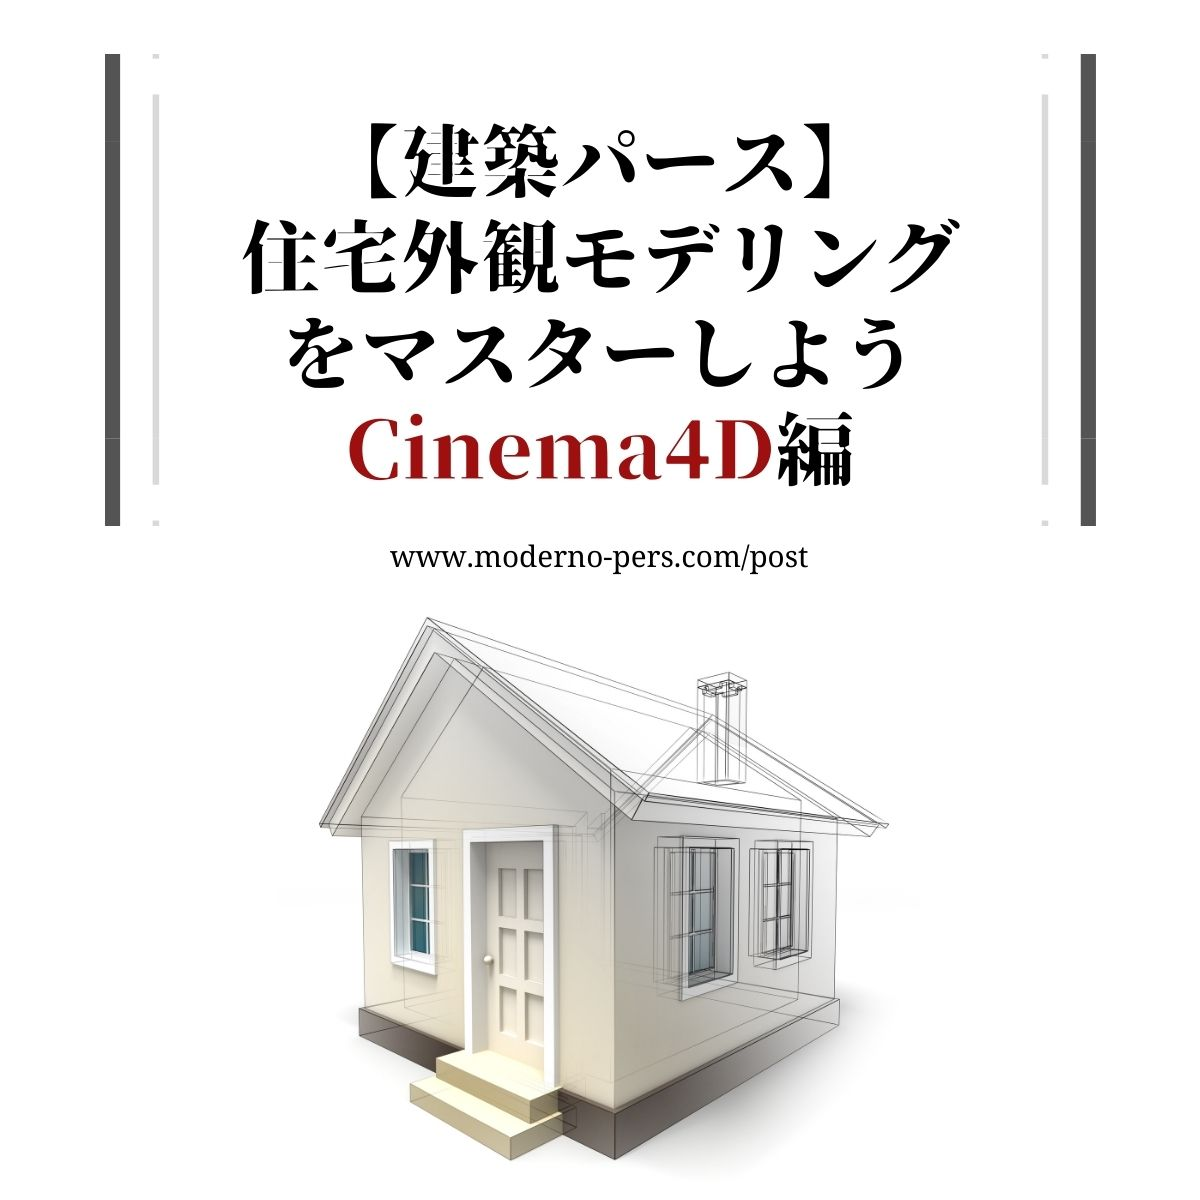 【建築パース】住宅外観モデリングをマスターしよう Cinema4D編